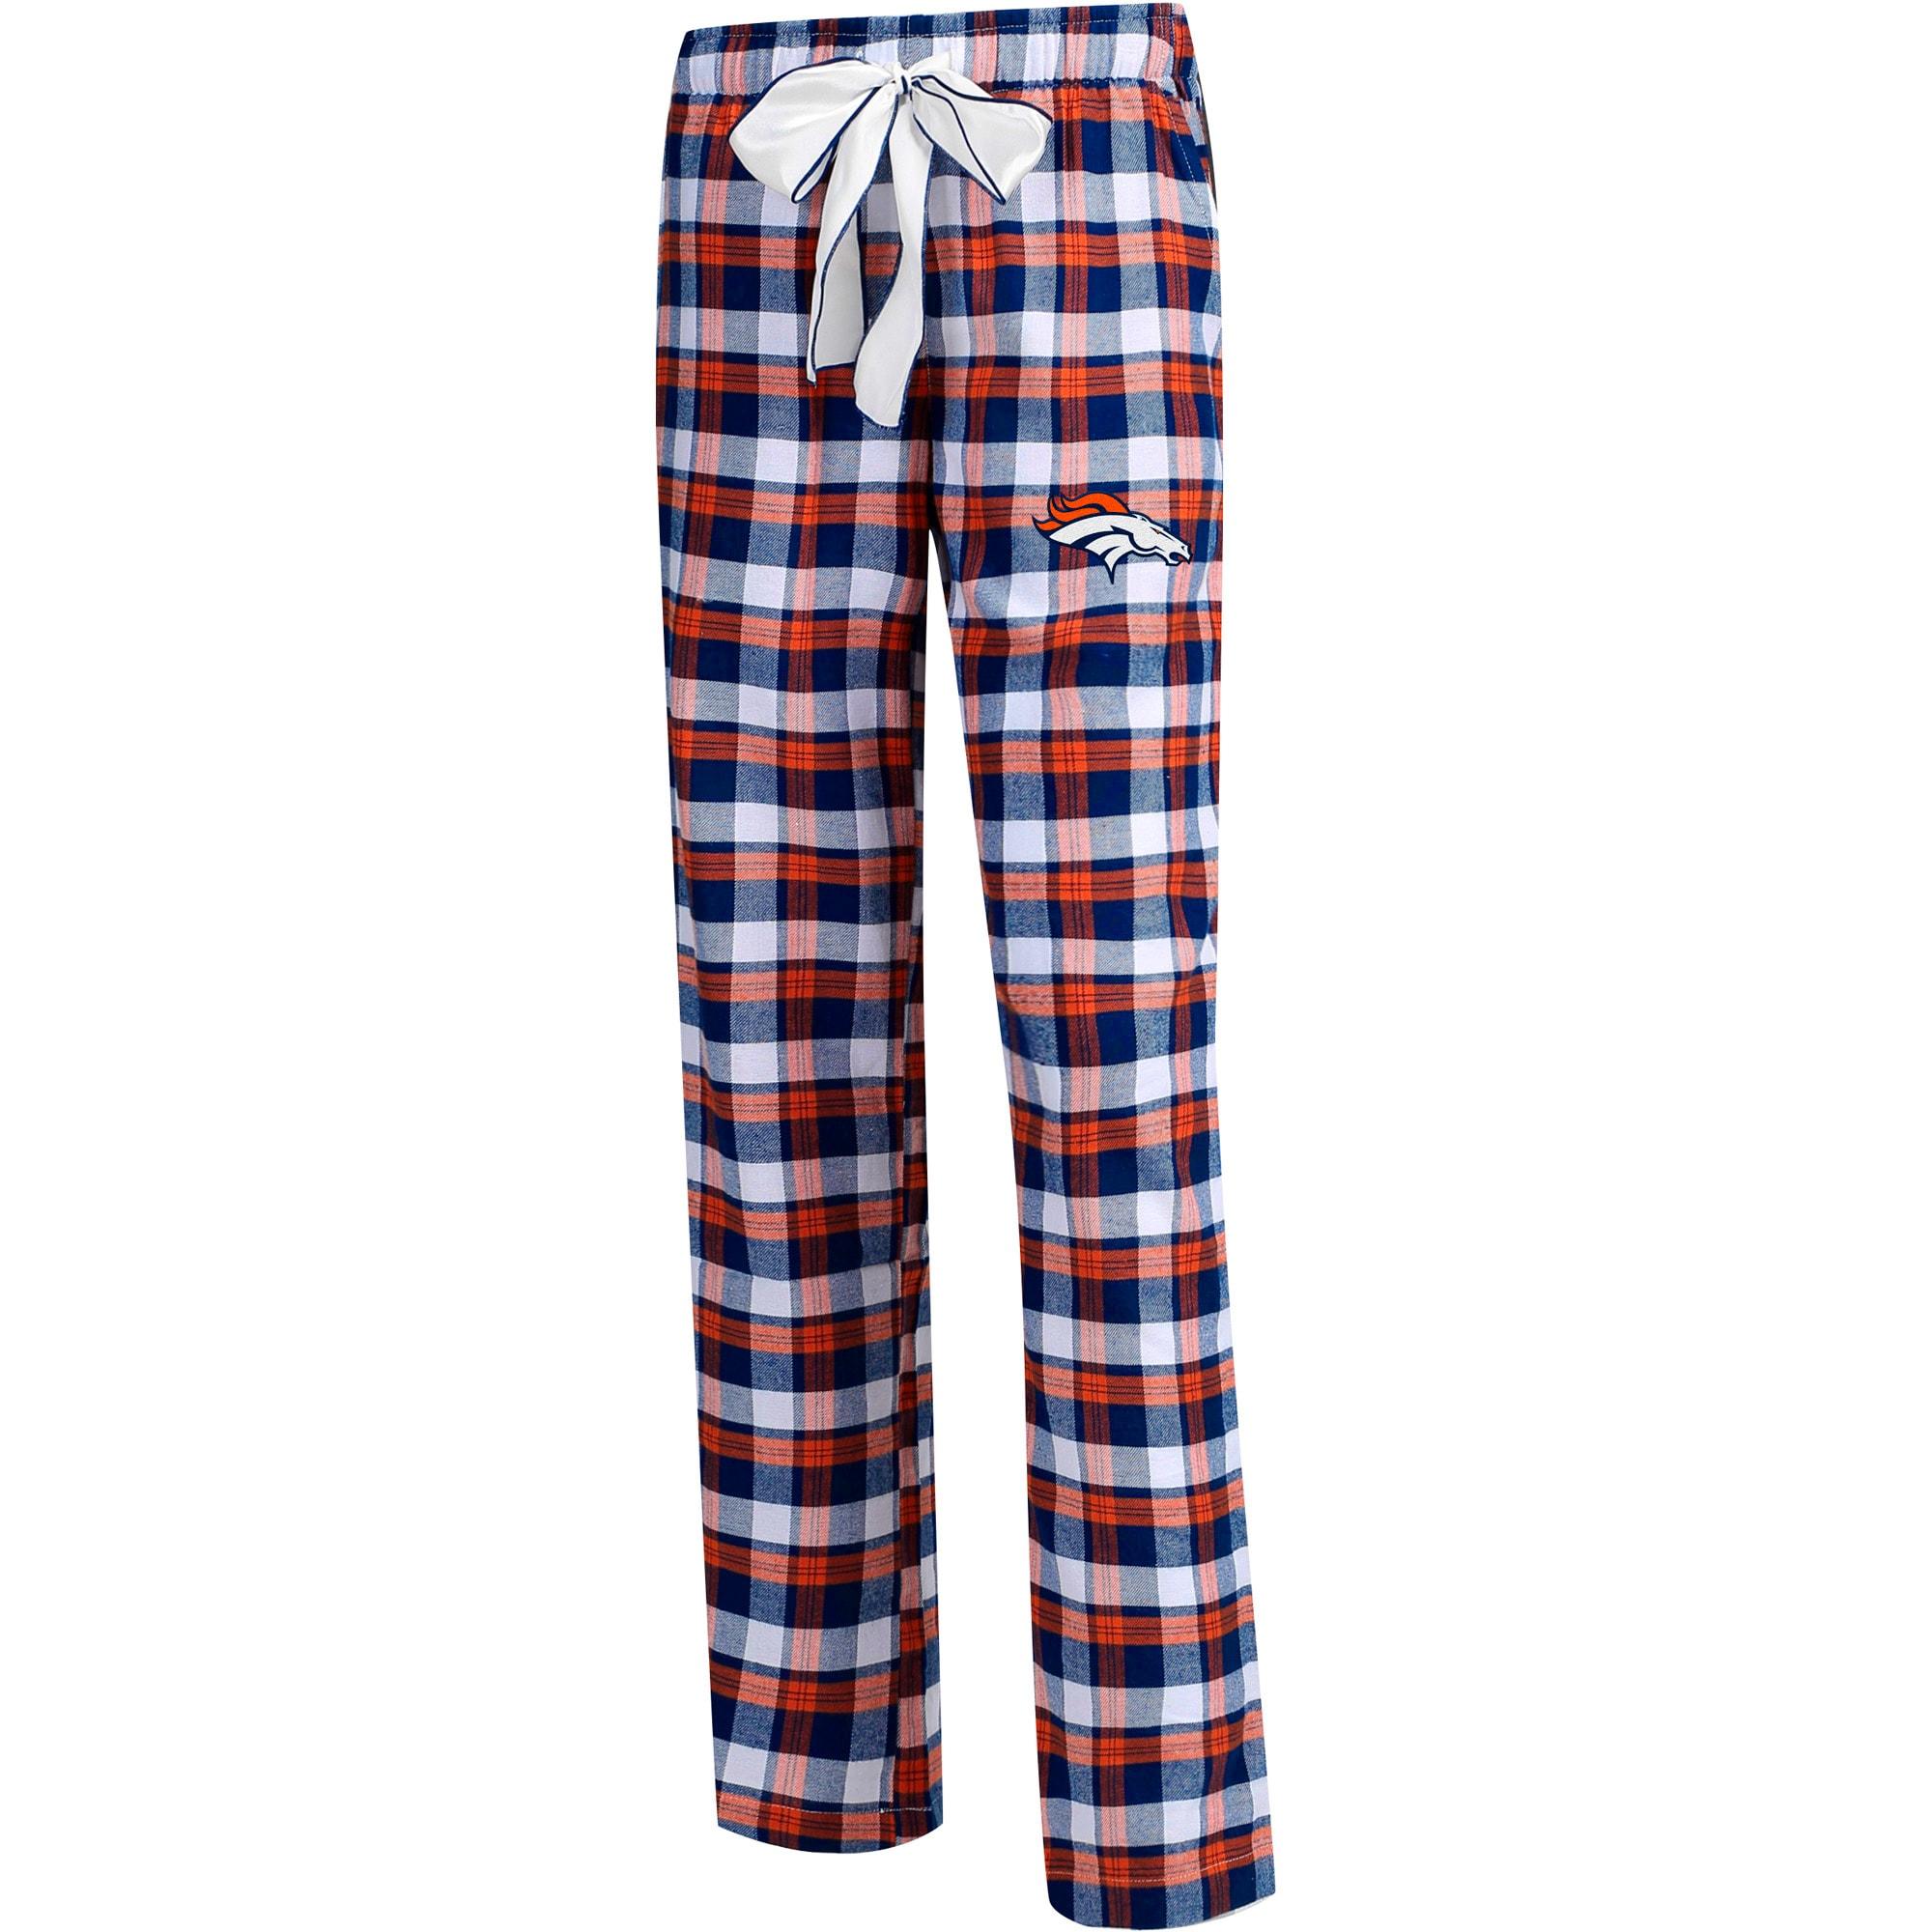 Denver Broncos Concepts Sport Women's Plus Size Piedmont Flannel Sleep Pants - Navy/Orange